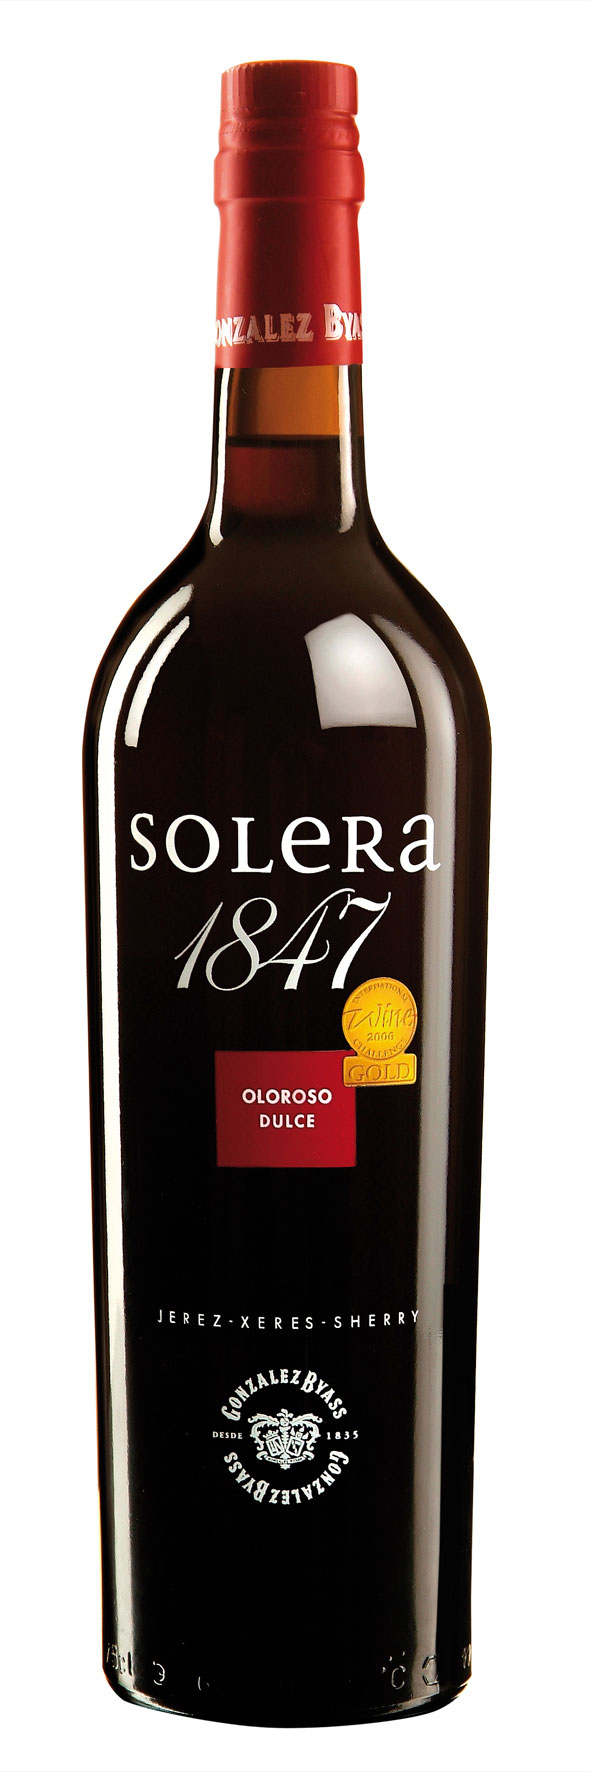 Solera 1847 Oloroso Gonzalez Byass